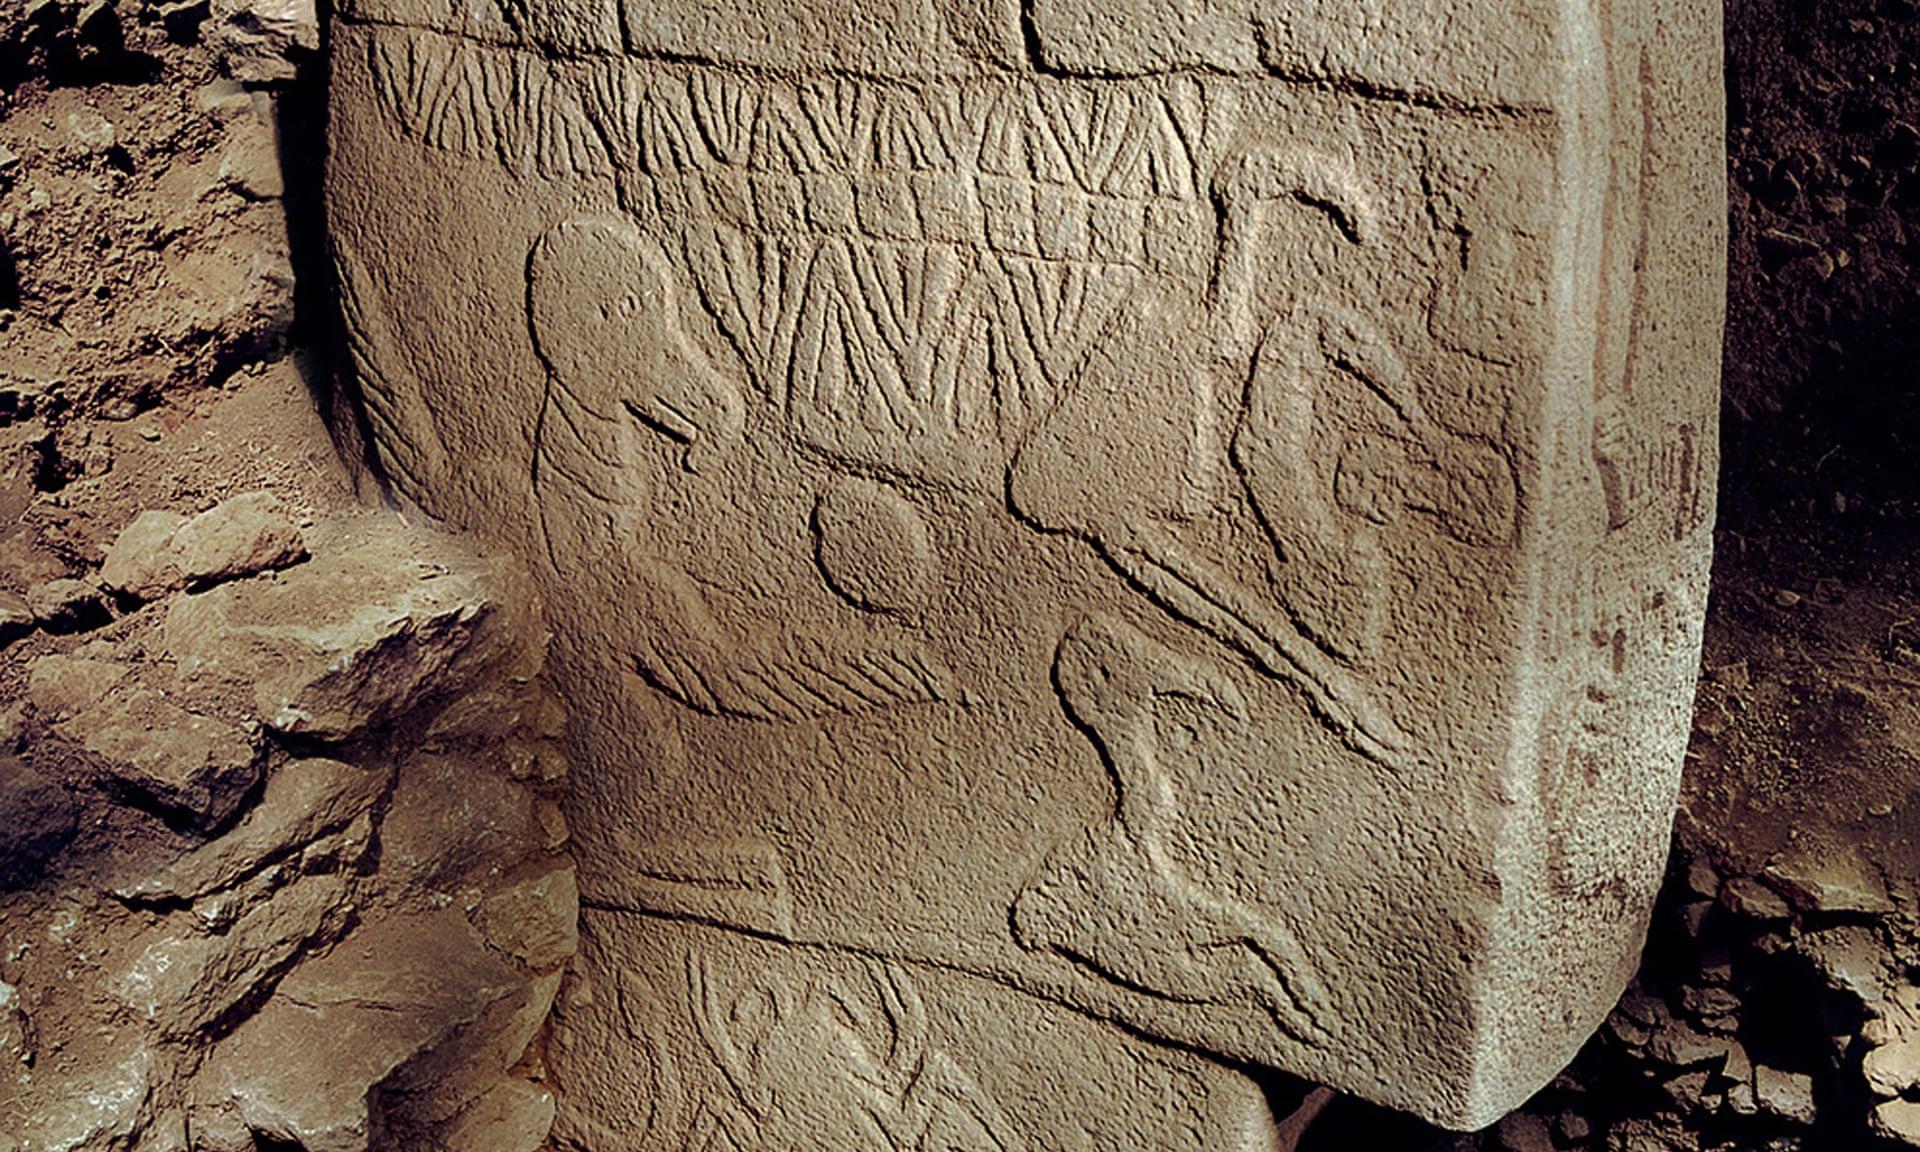 Phiến đá chạm khắc một người đang quỳ gối, cầm trên tay một đầu động vật để hiến tế các vị thần. Ảnh: Sci-news.